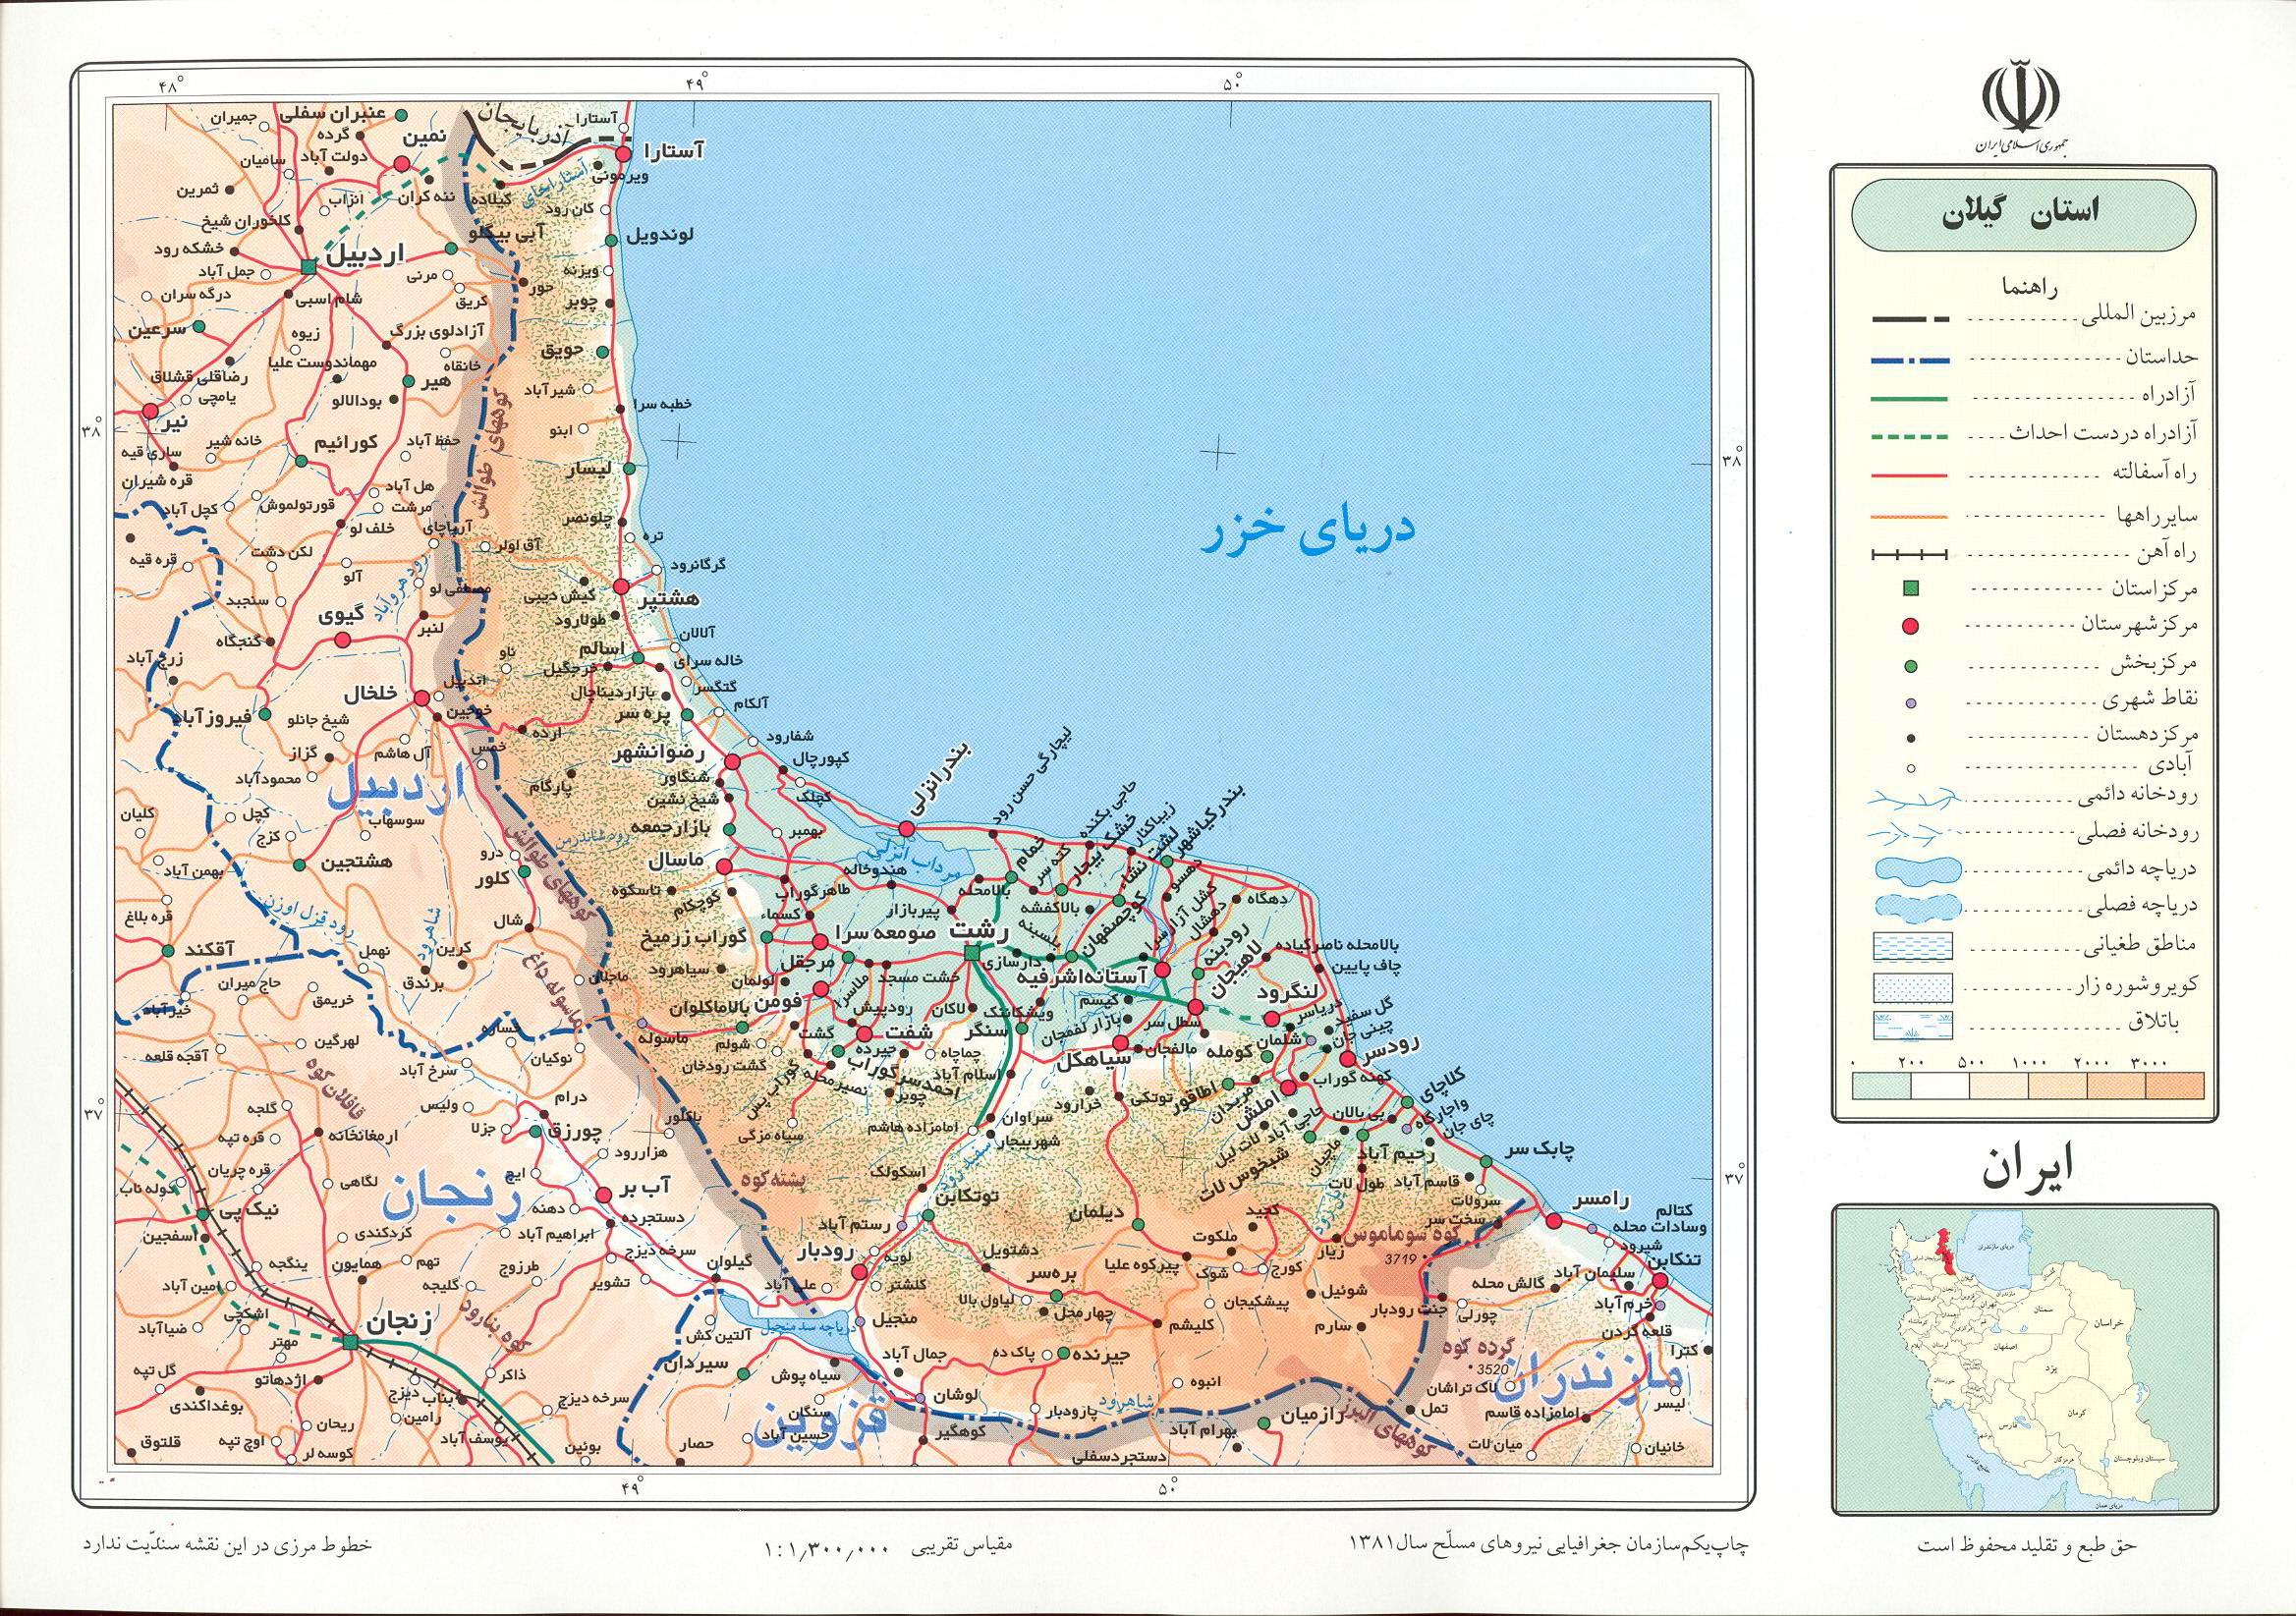 نقشه راههای استان گیلان